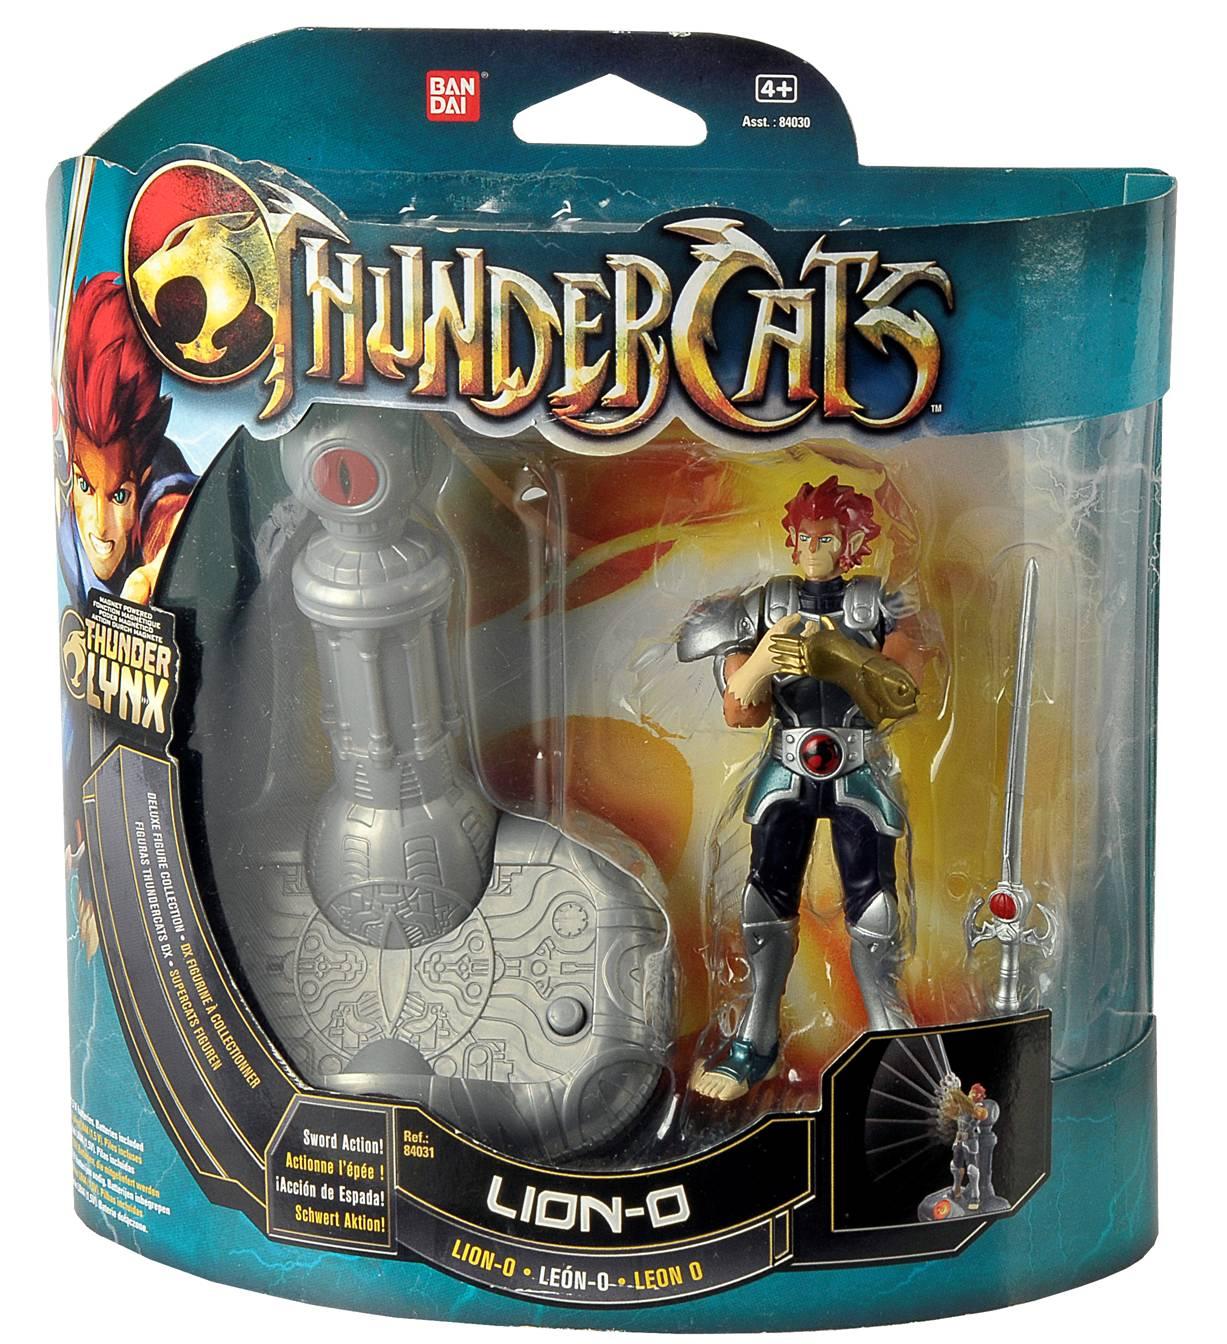 Thunder Cats Eye of Thundera Pack New in Box par Bandai